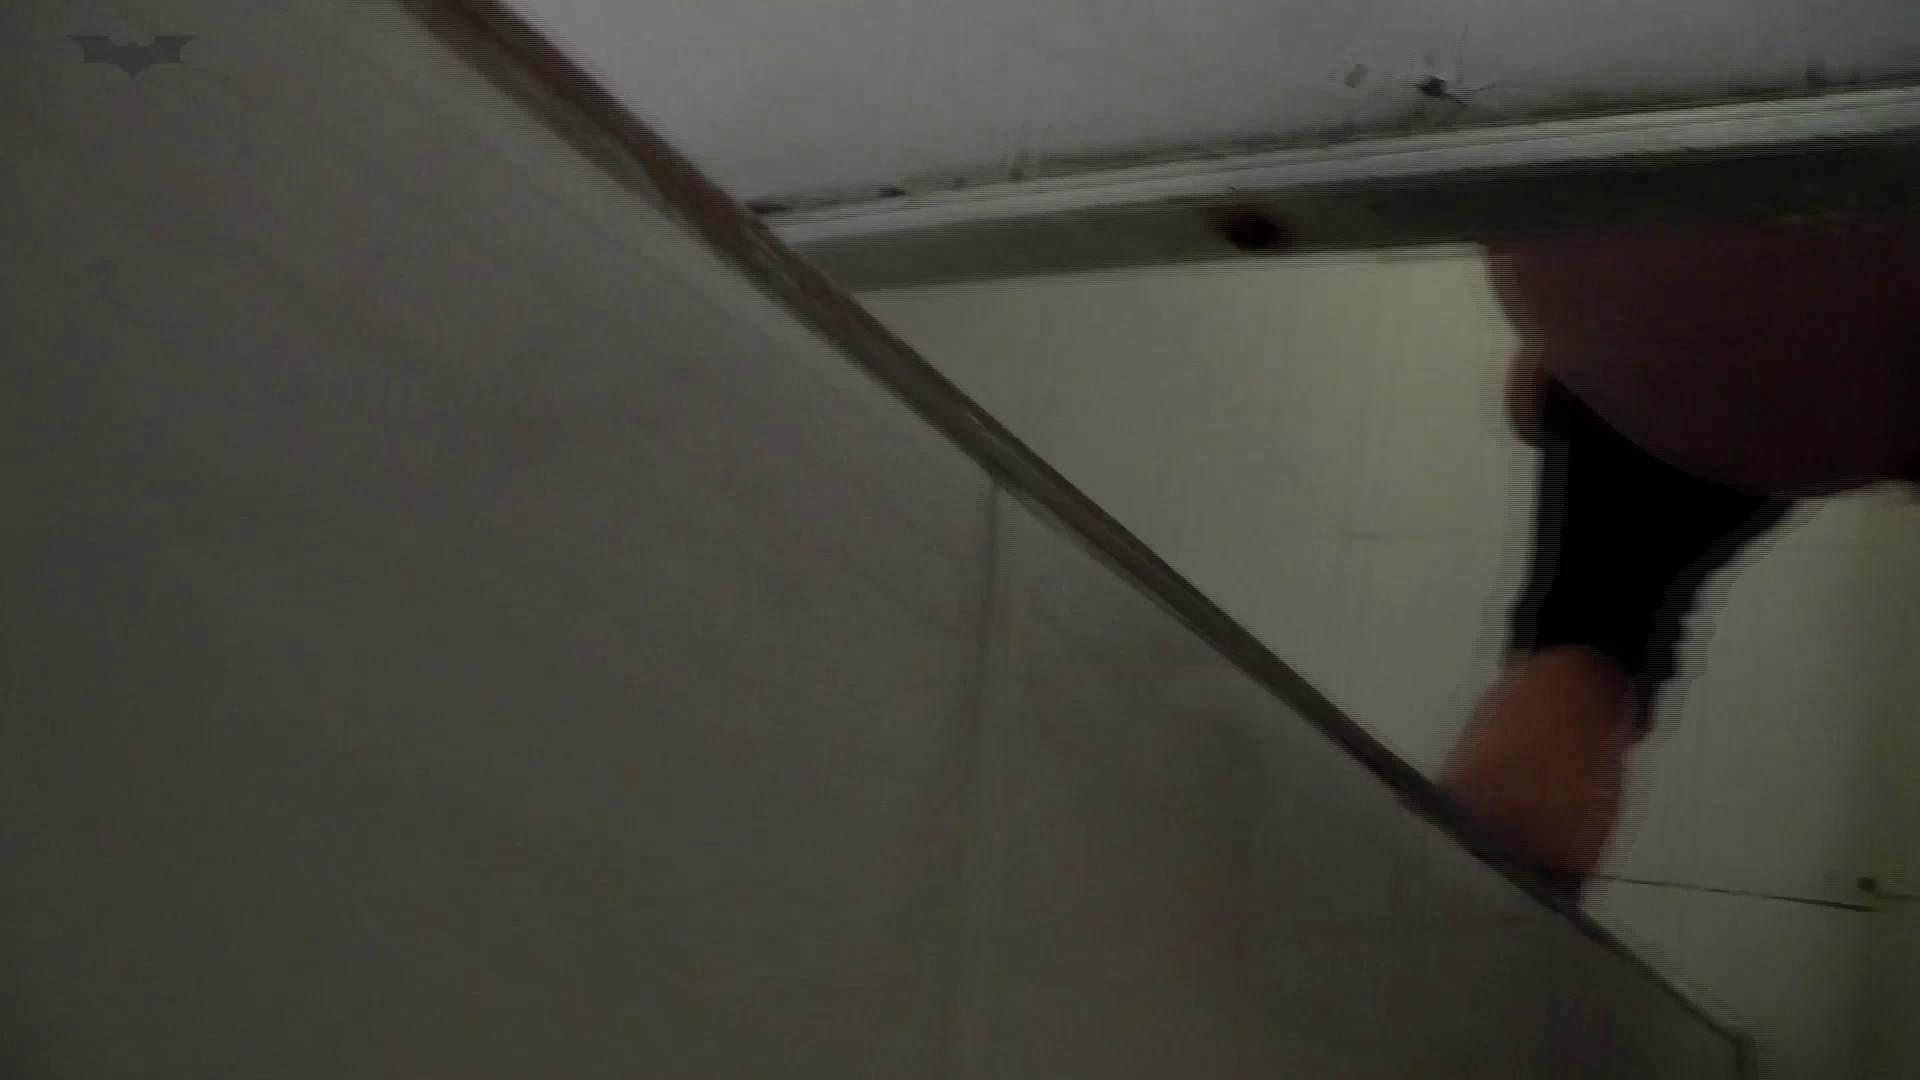 トイレ盗撮|なんだこれVol.15 新しいアングル!!|怪盗ジョーカー